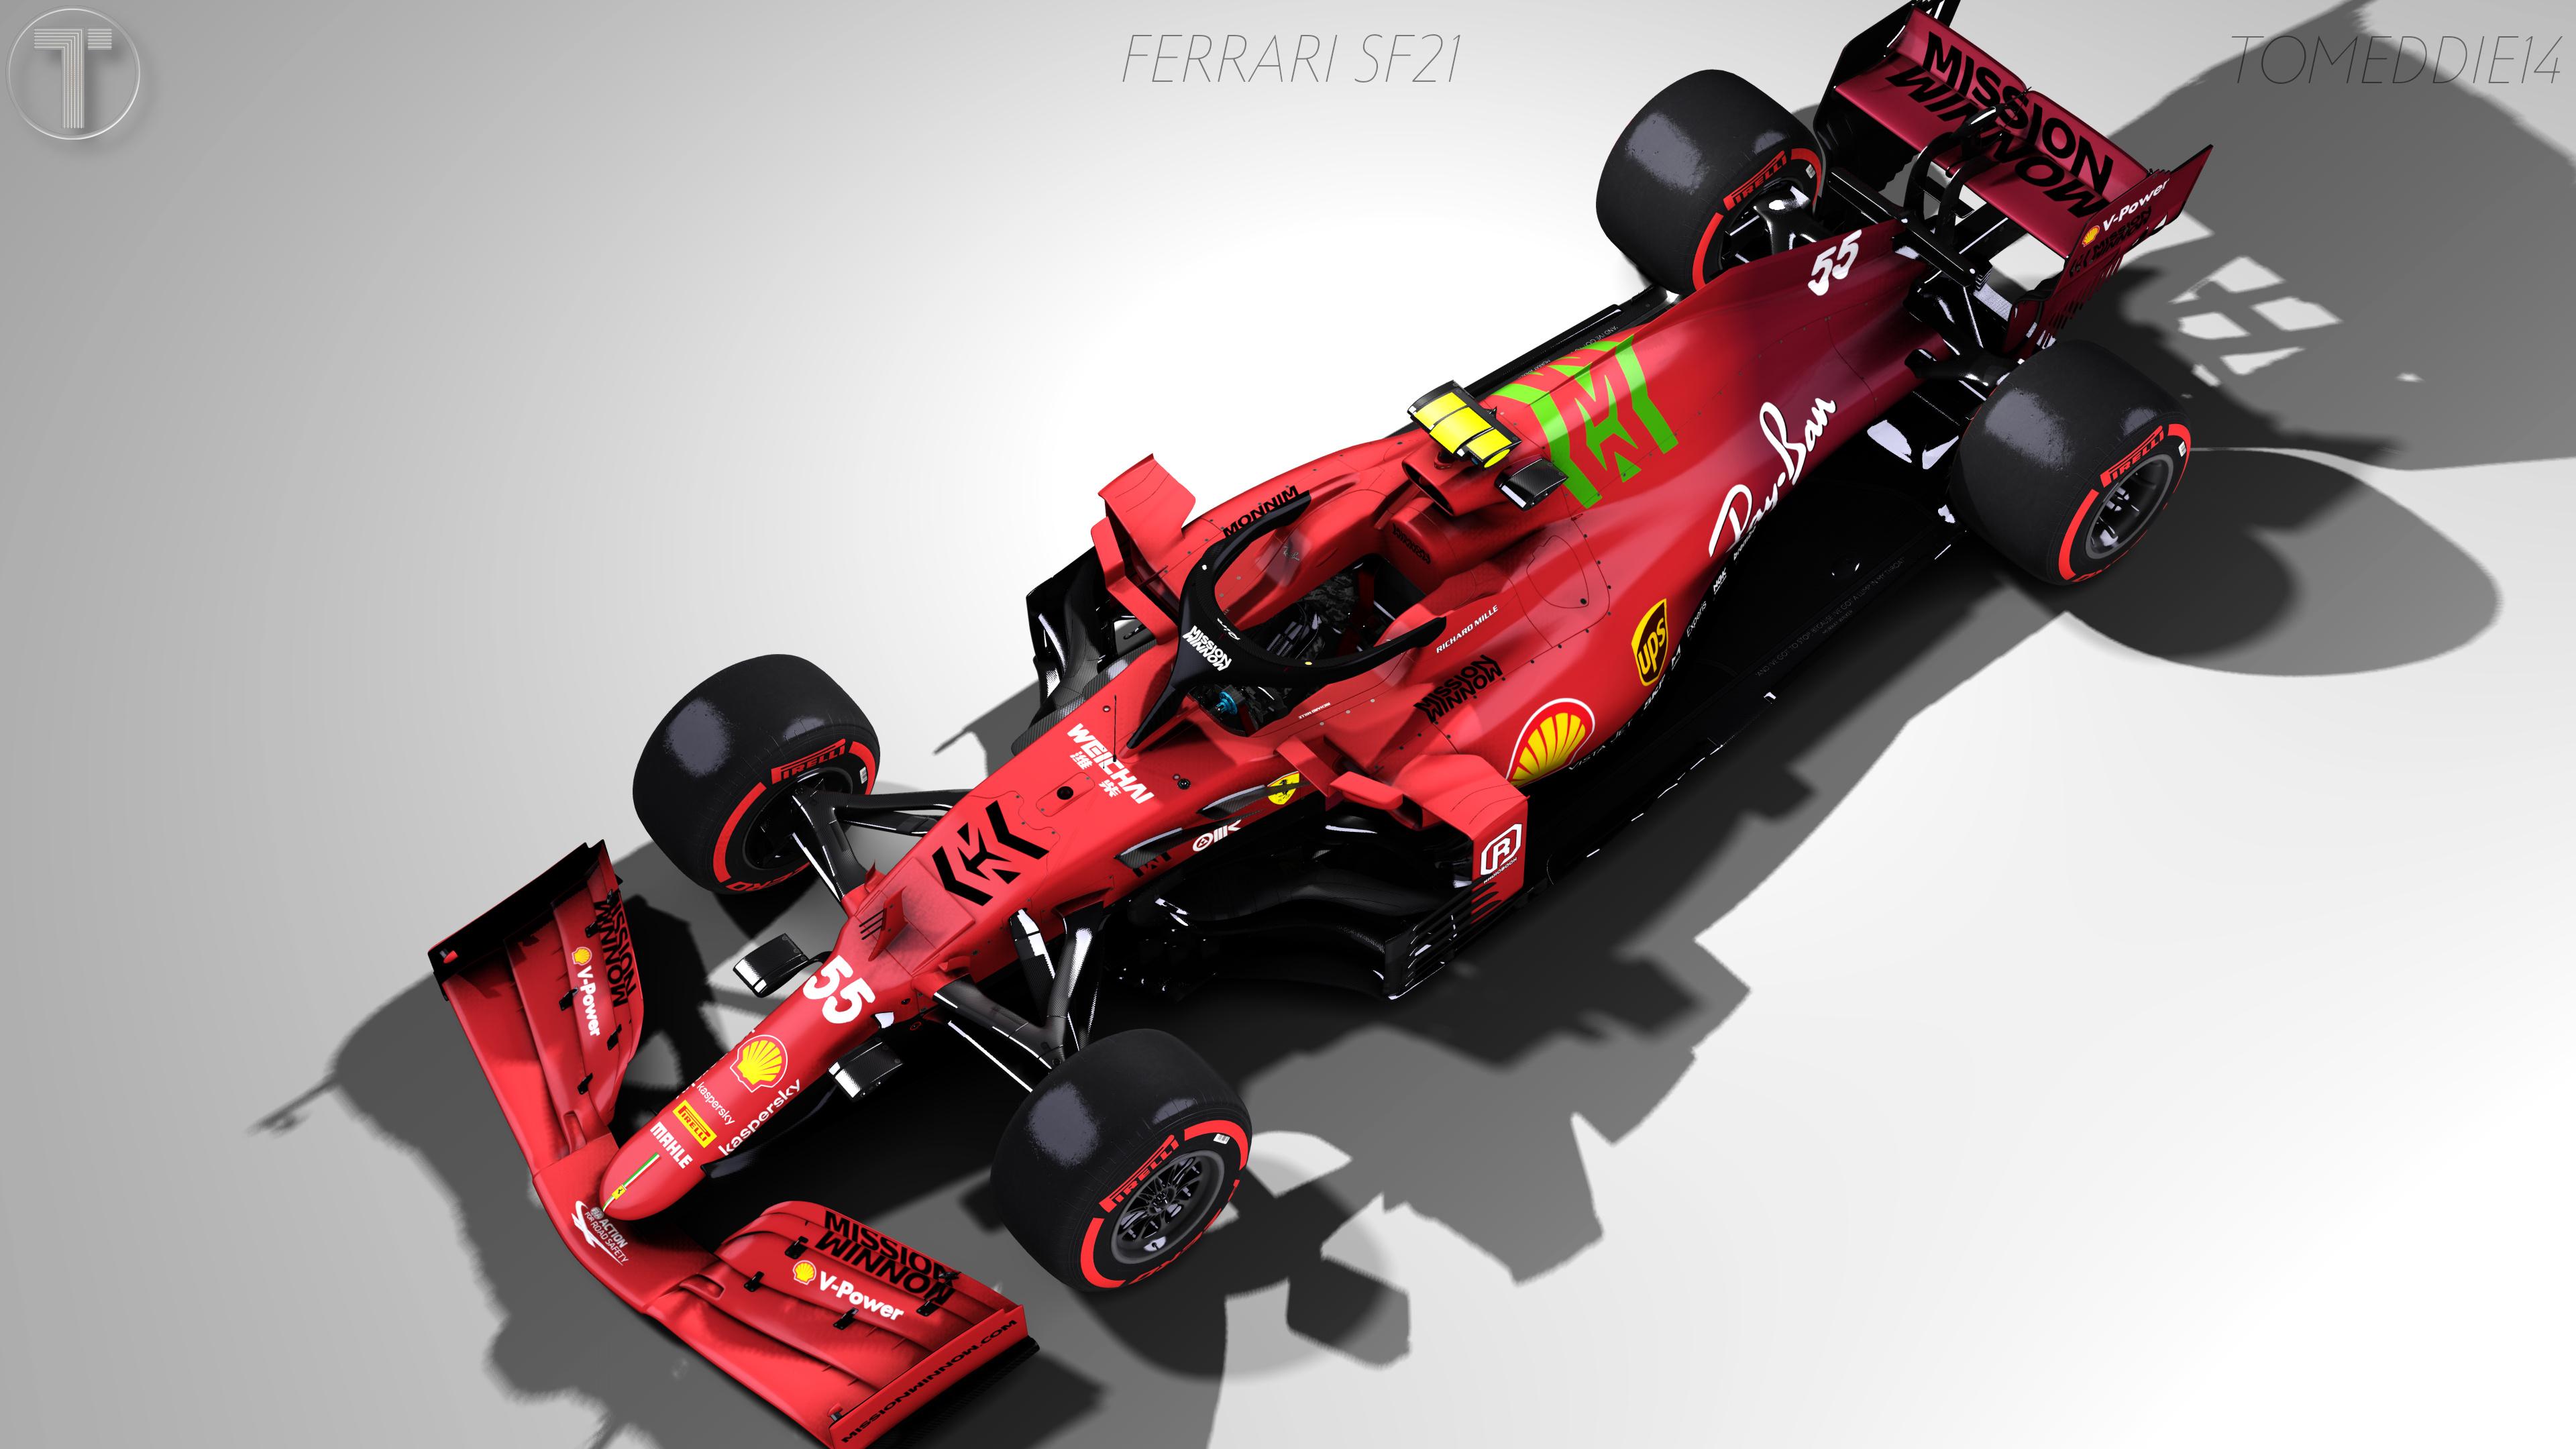 Ferrari SF21_55.1.jpg